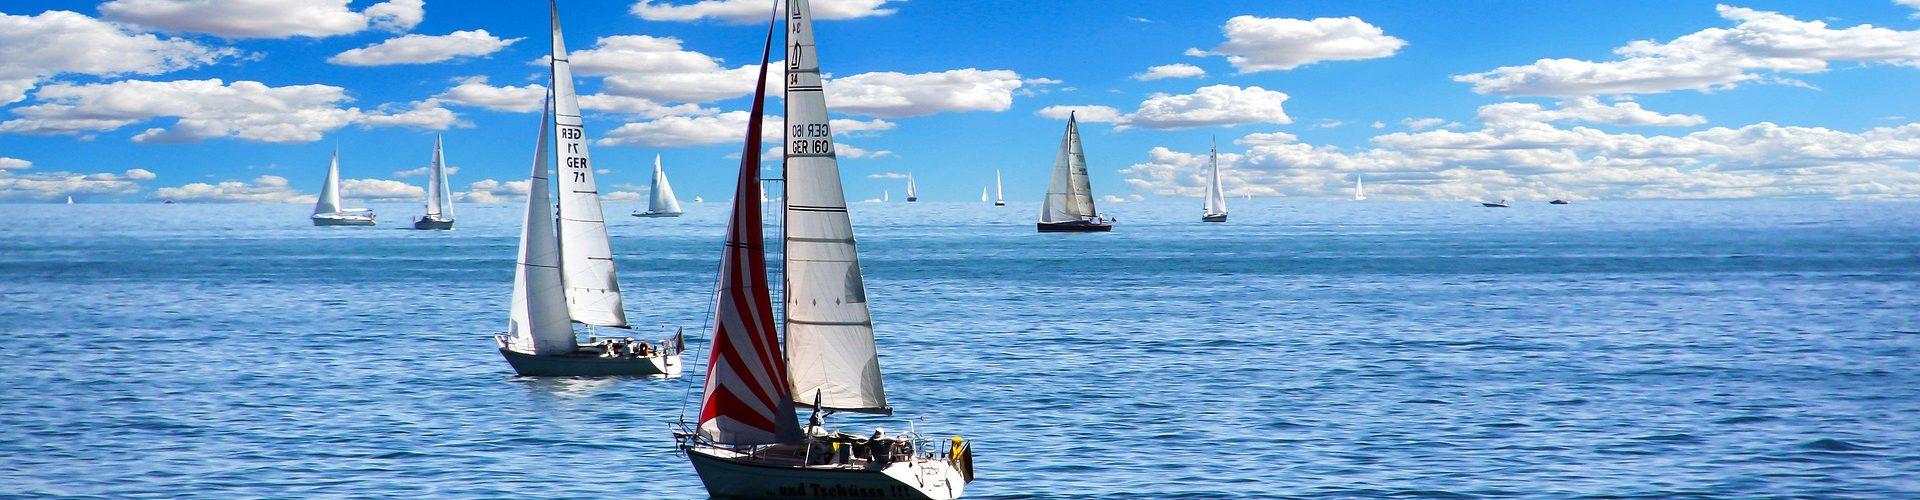 segeln lernen in Pfaffenhofen an der Glonn segelschein machen in Pfaffenhofen an der Glonn 1920x500 - Segeln lernen in Pfaffenhofen an der Glonn